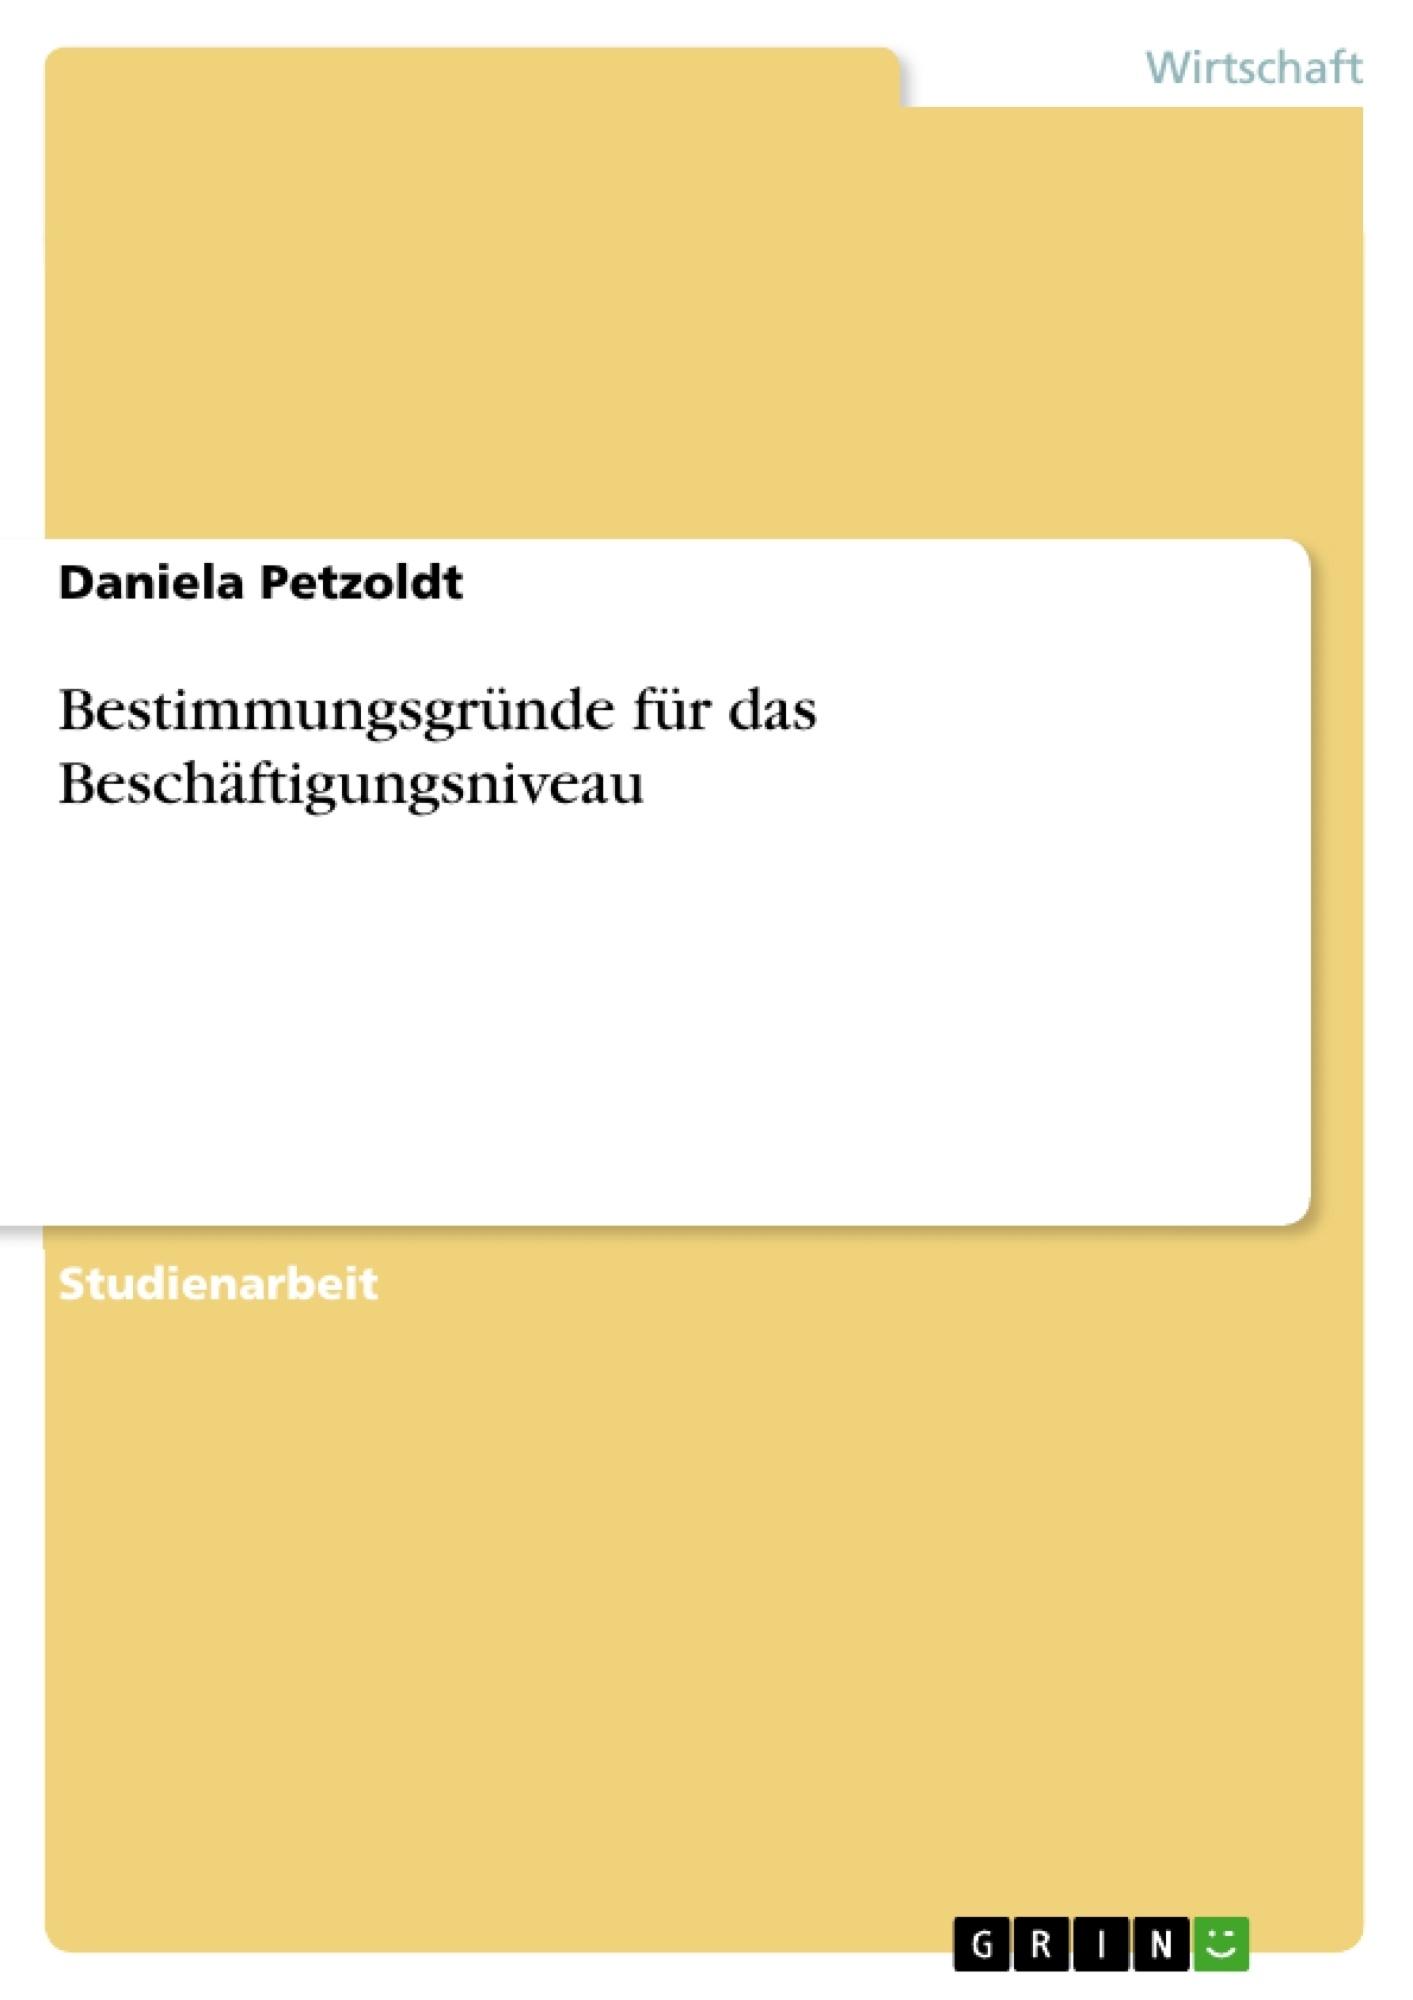 Titel: Bestimmungsgründe für das Beschäftigungsniveau